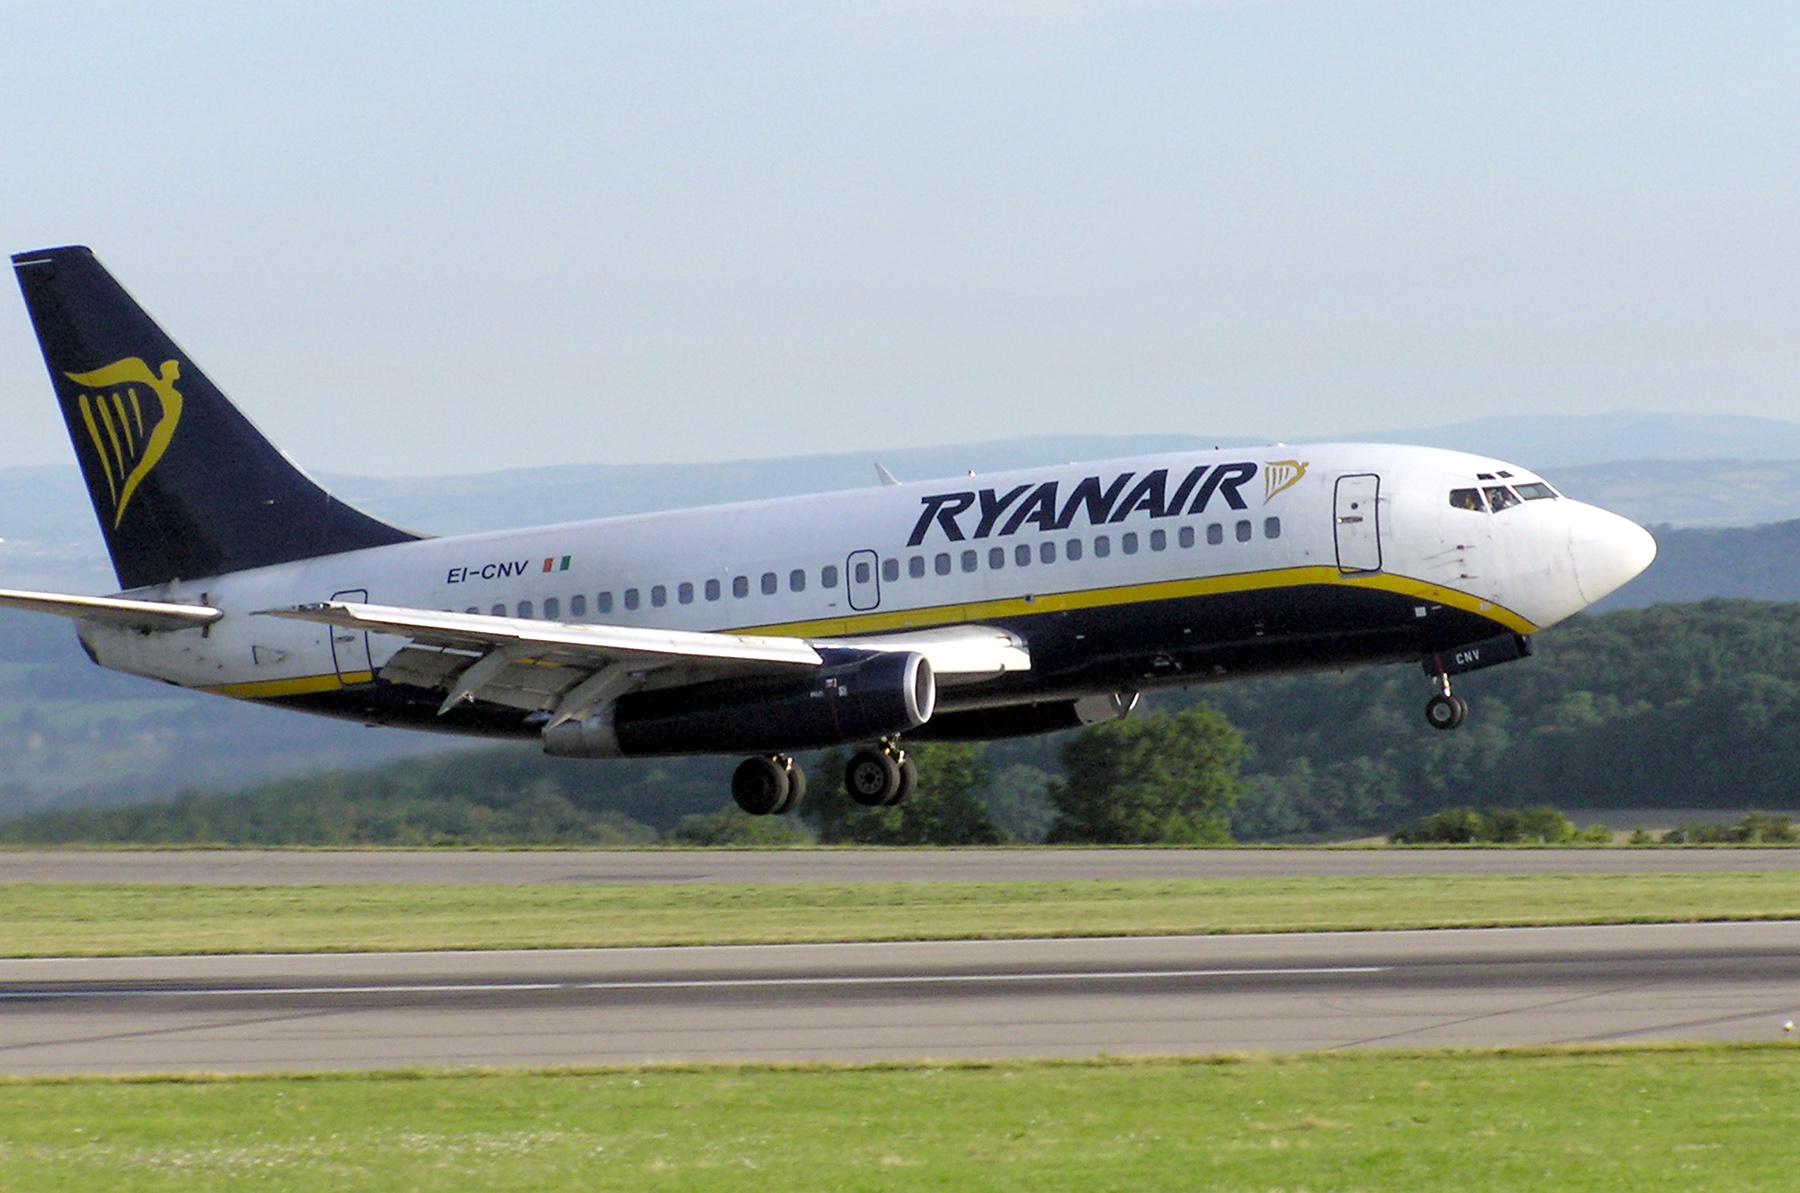 Ryanair.b737-200.ei-cnv.bristol.arp